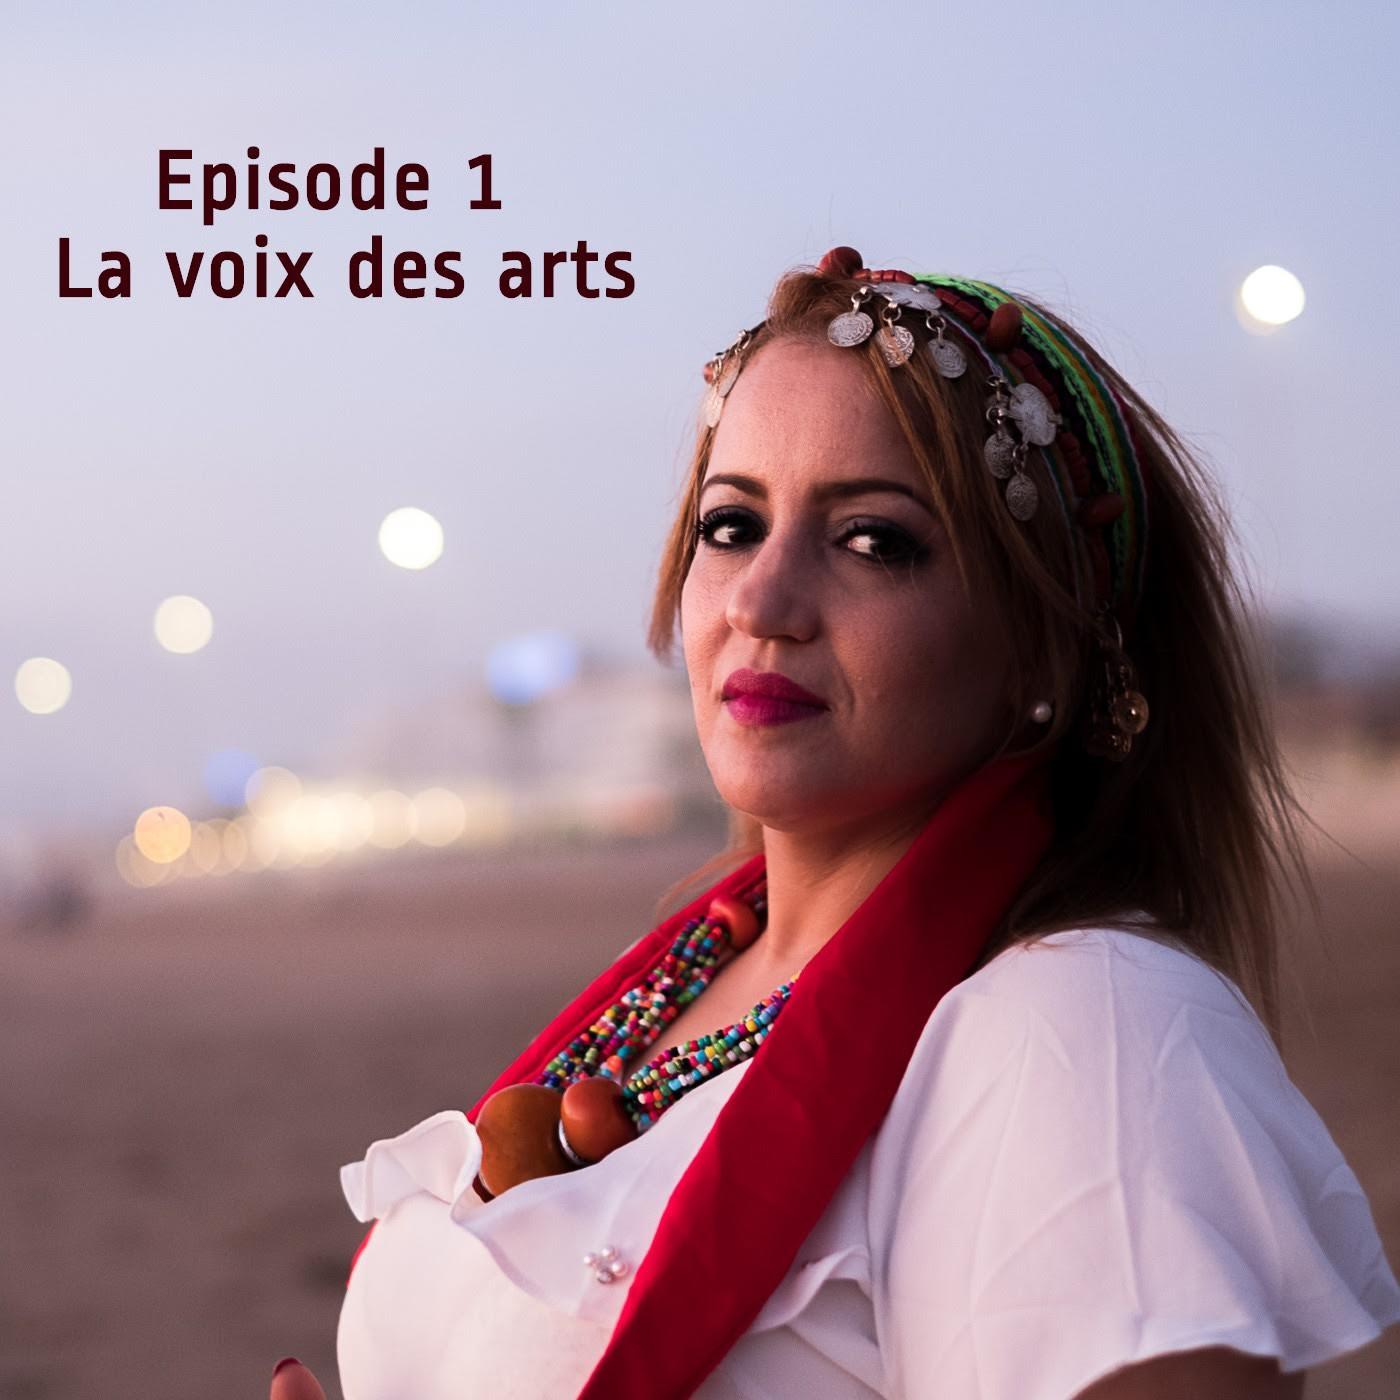 Episode 1 - La voix des arts